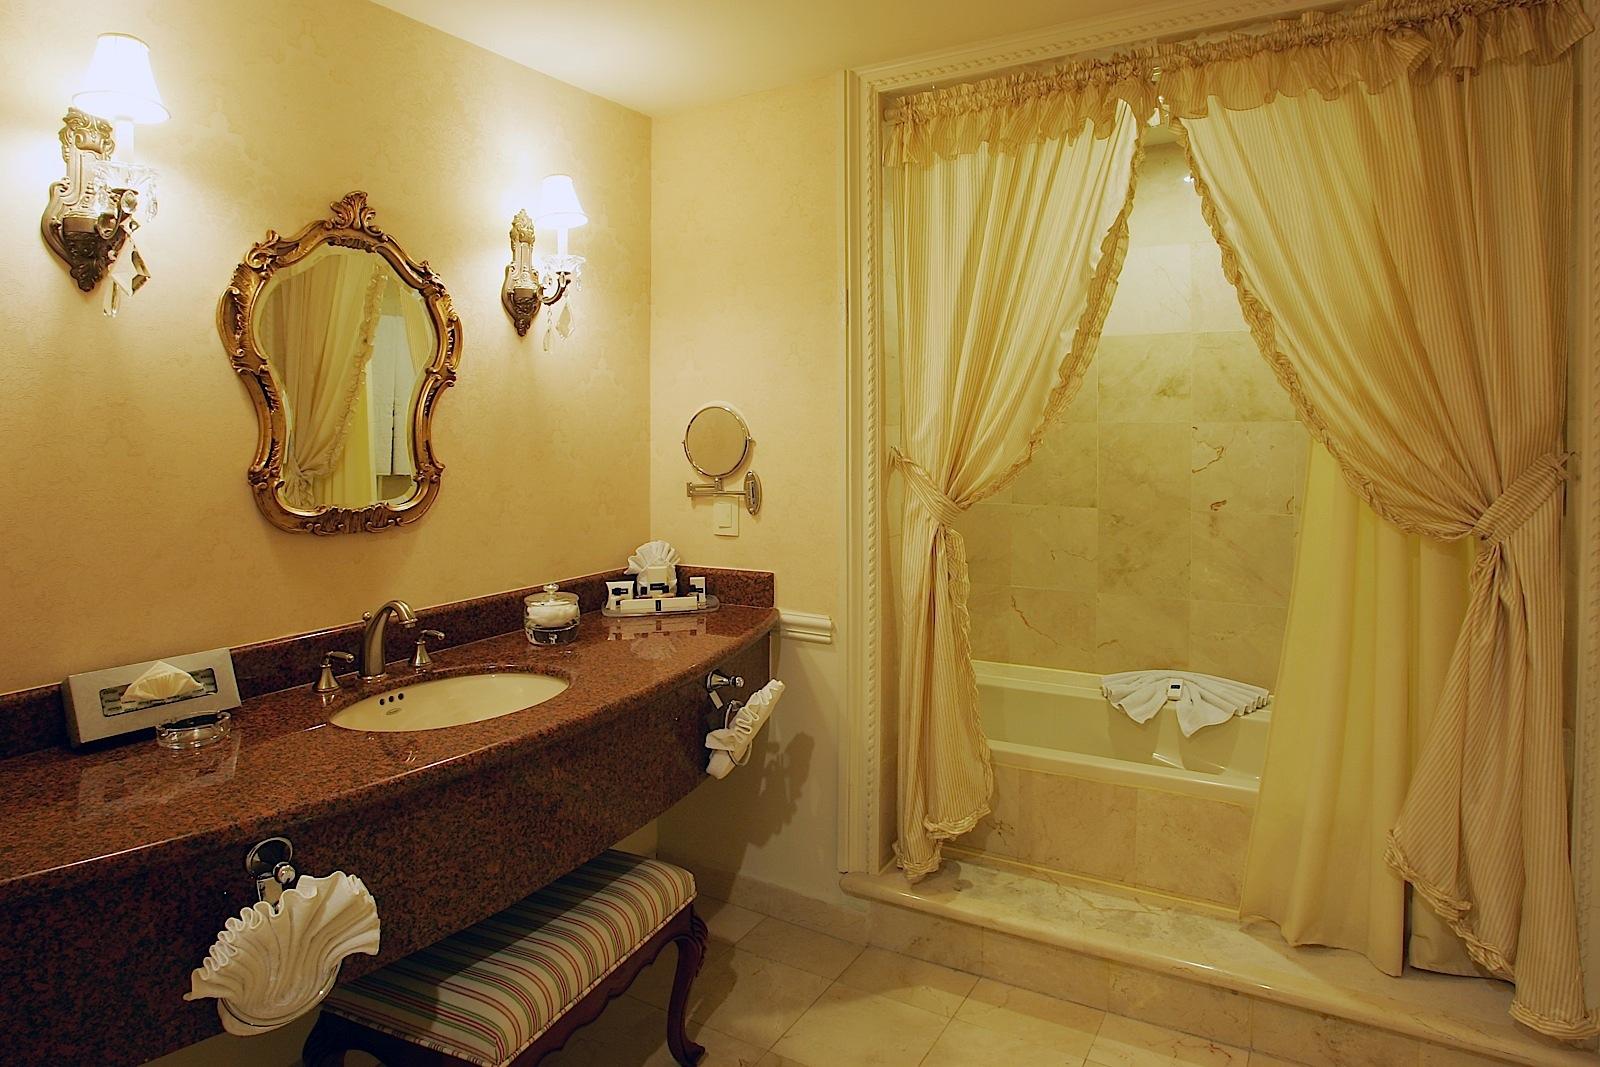 ao_en_Gran_Hotel_Ciudad_de_Mexico-1_037